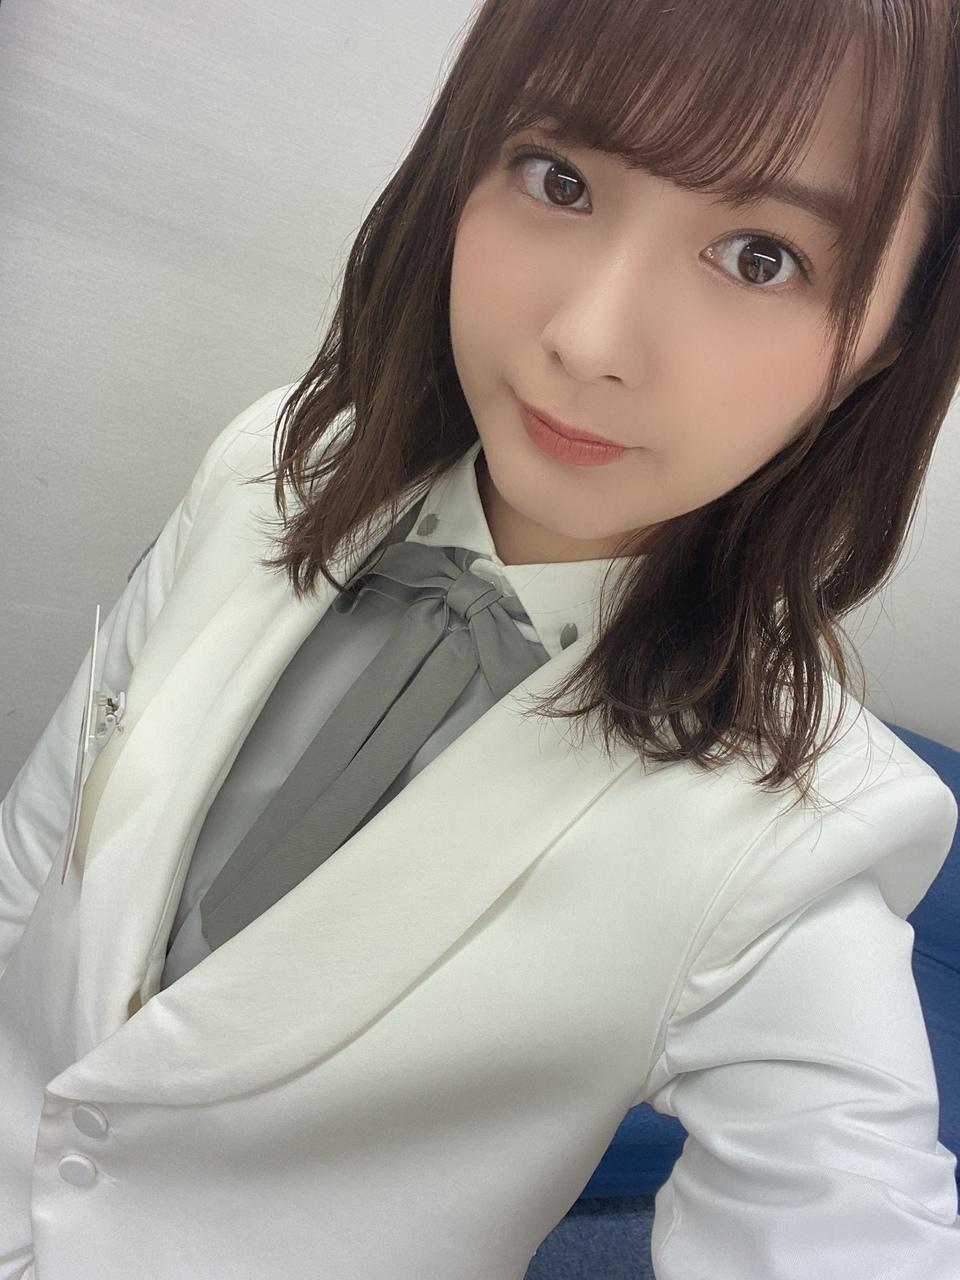 櫻坂46の画像 p1_17